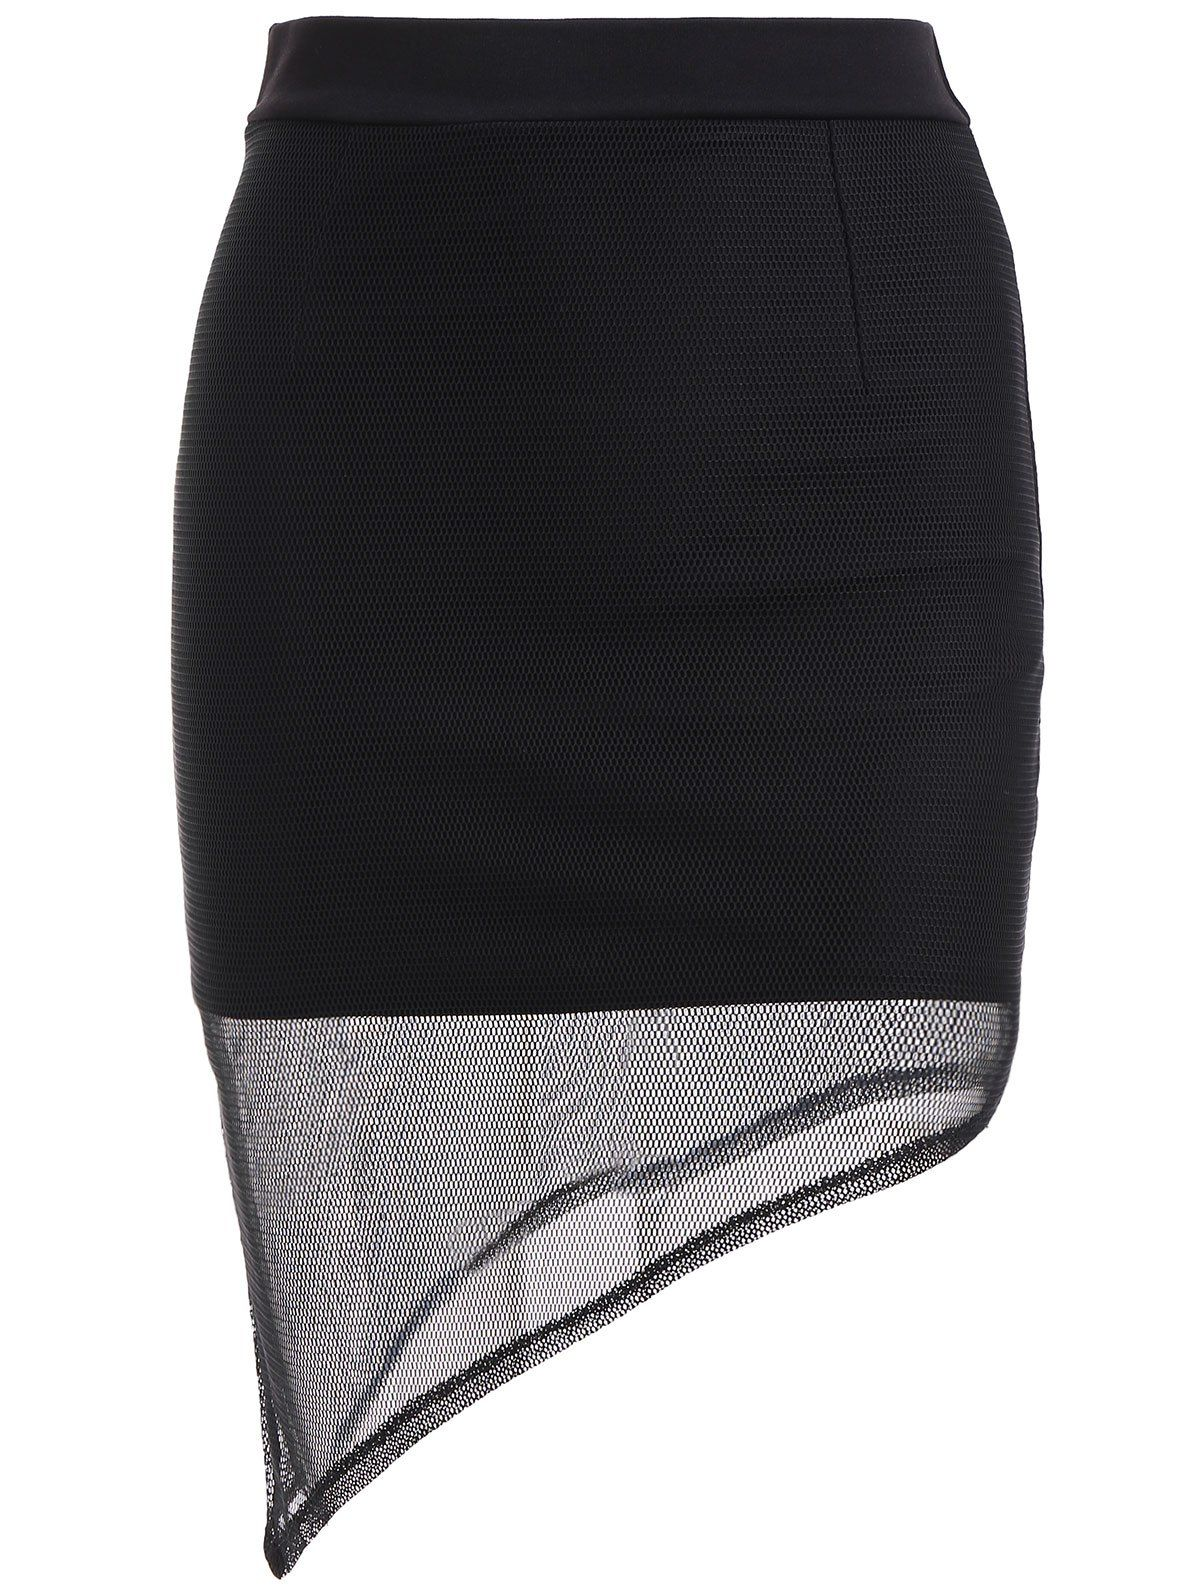 Trendy Asymmetrical Black Skinny Skirt For Women